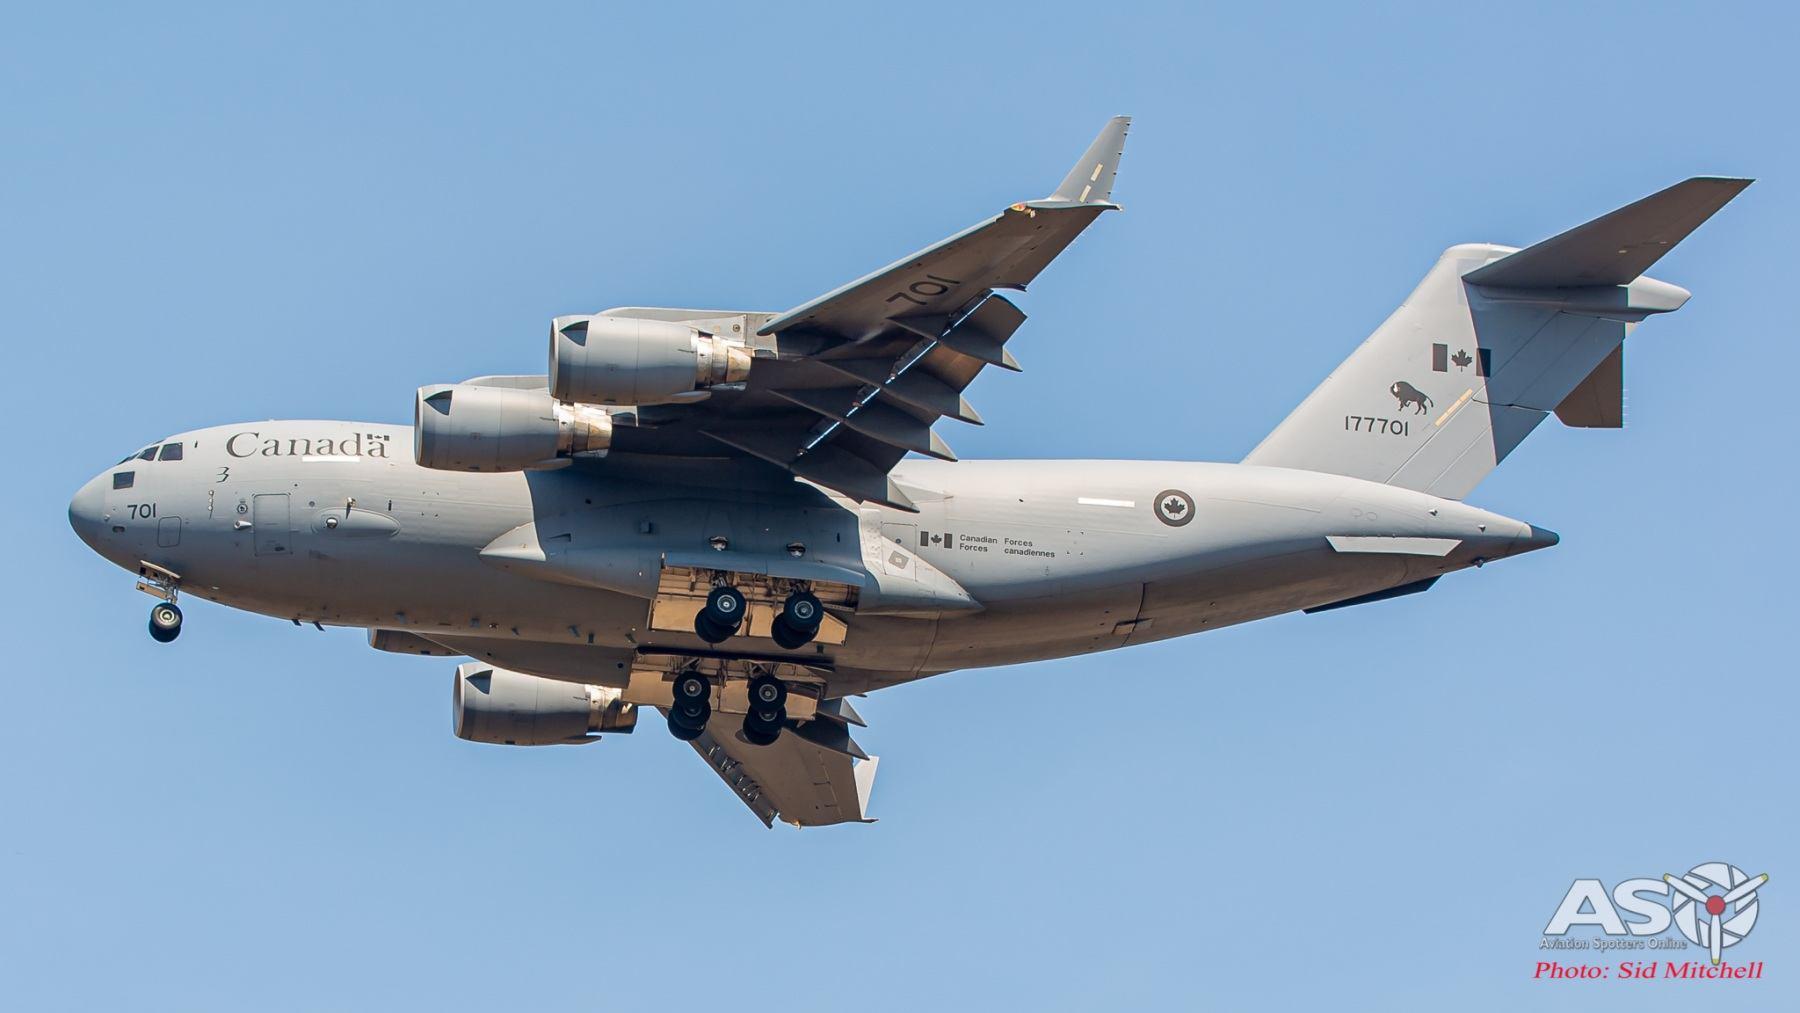 RCAF CC-177 Globemaster 177705